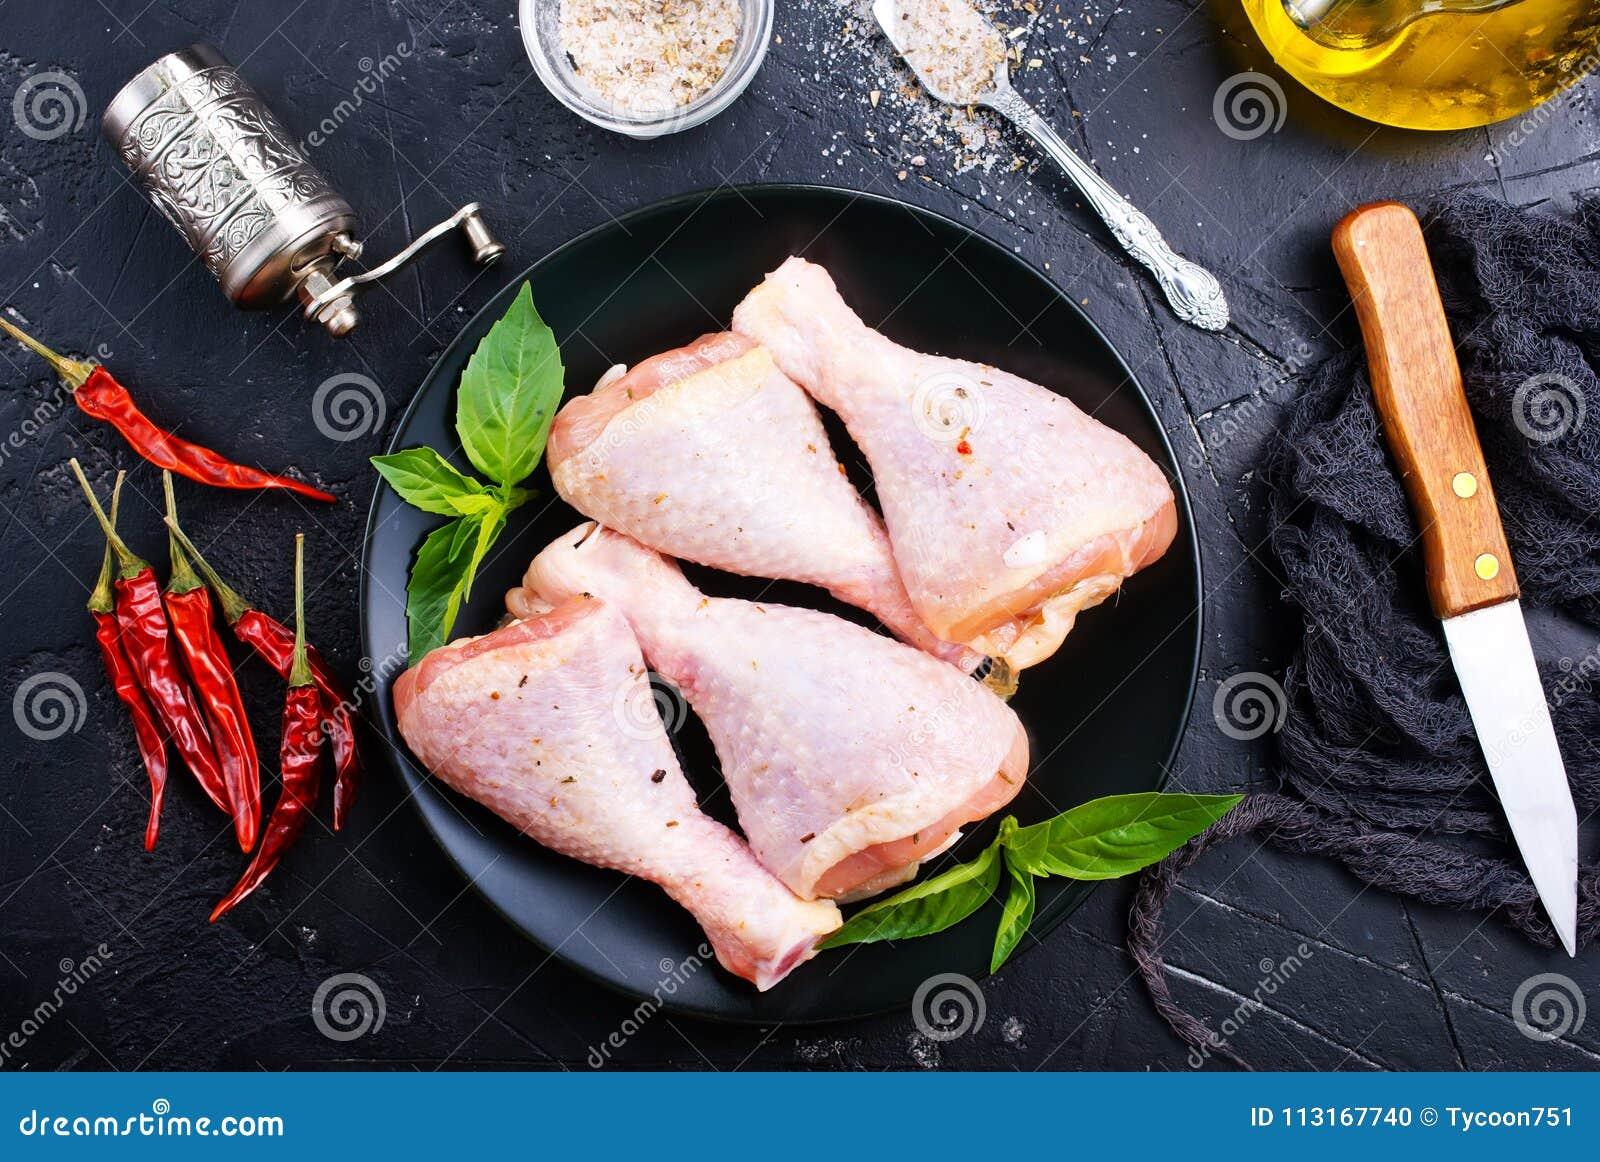 Pés de galinha